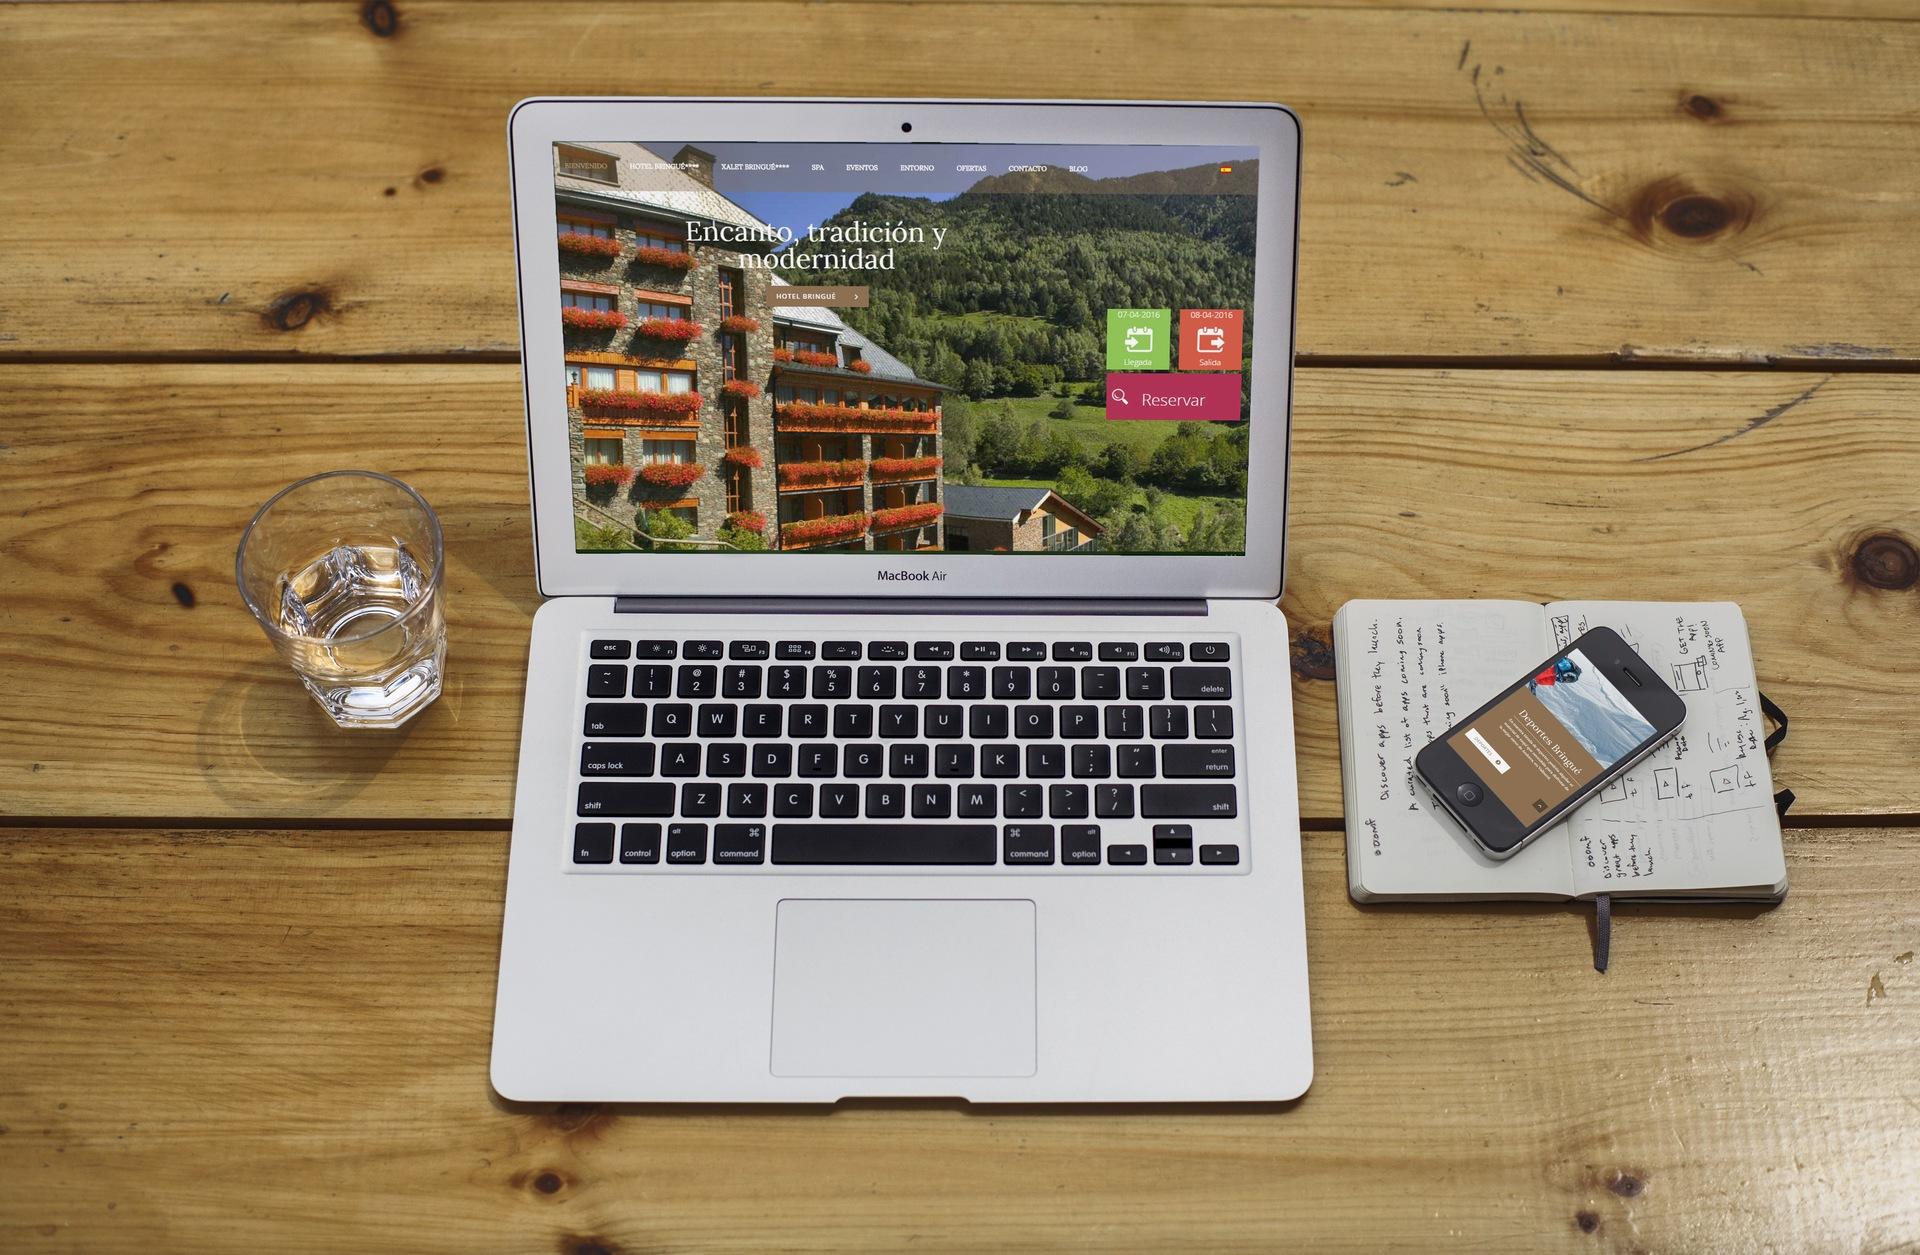 Hotels Bringué – Entorno online para hoteles